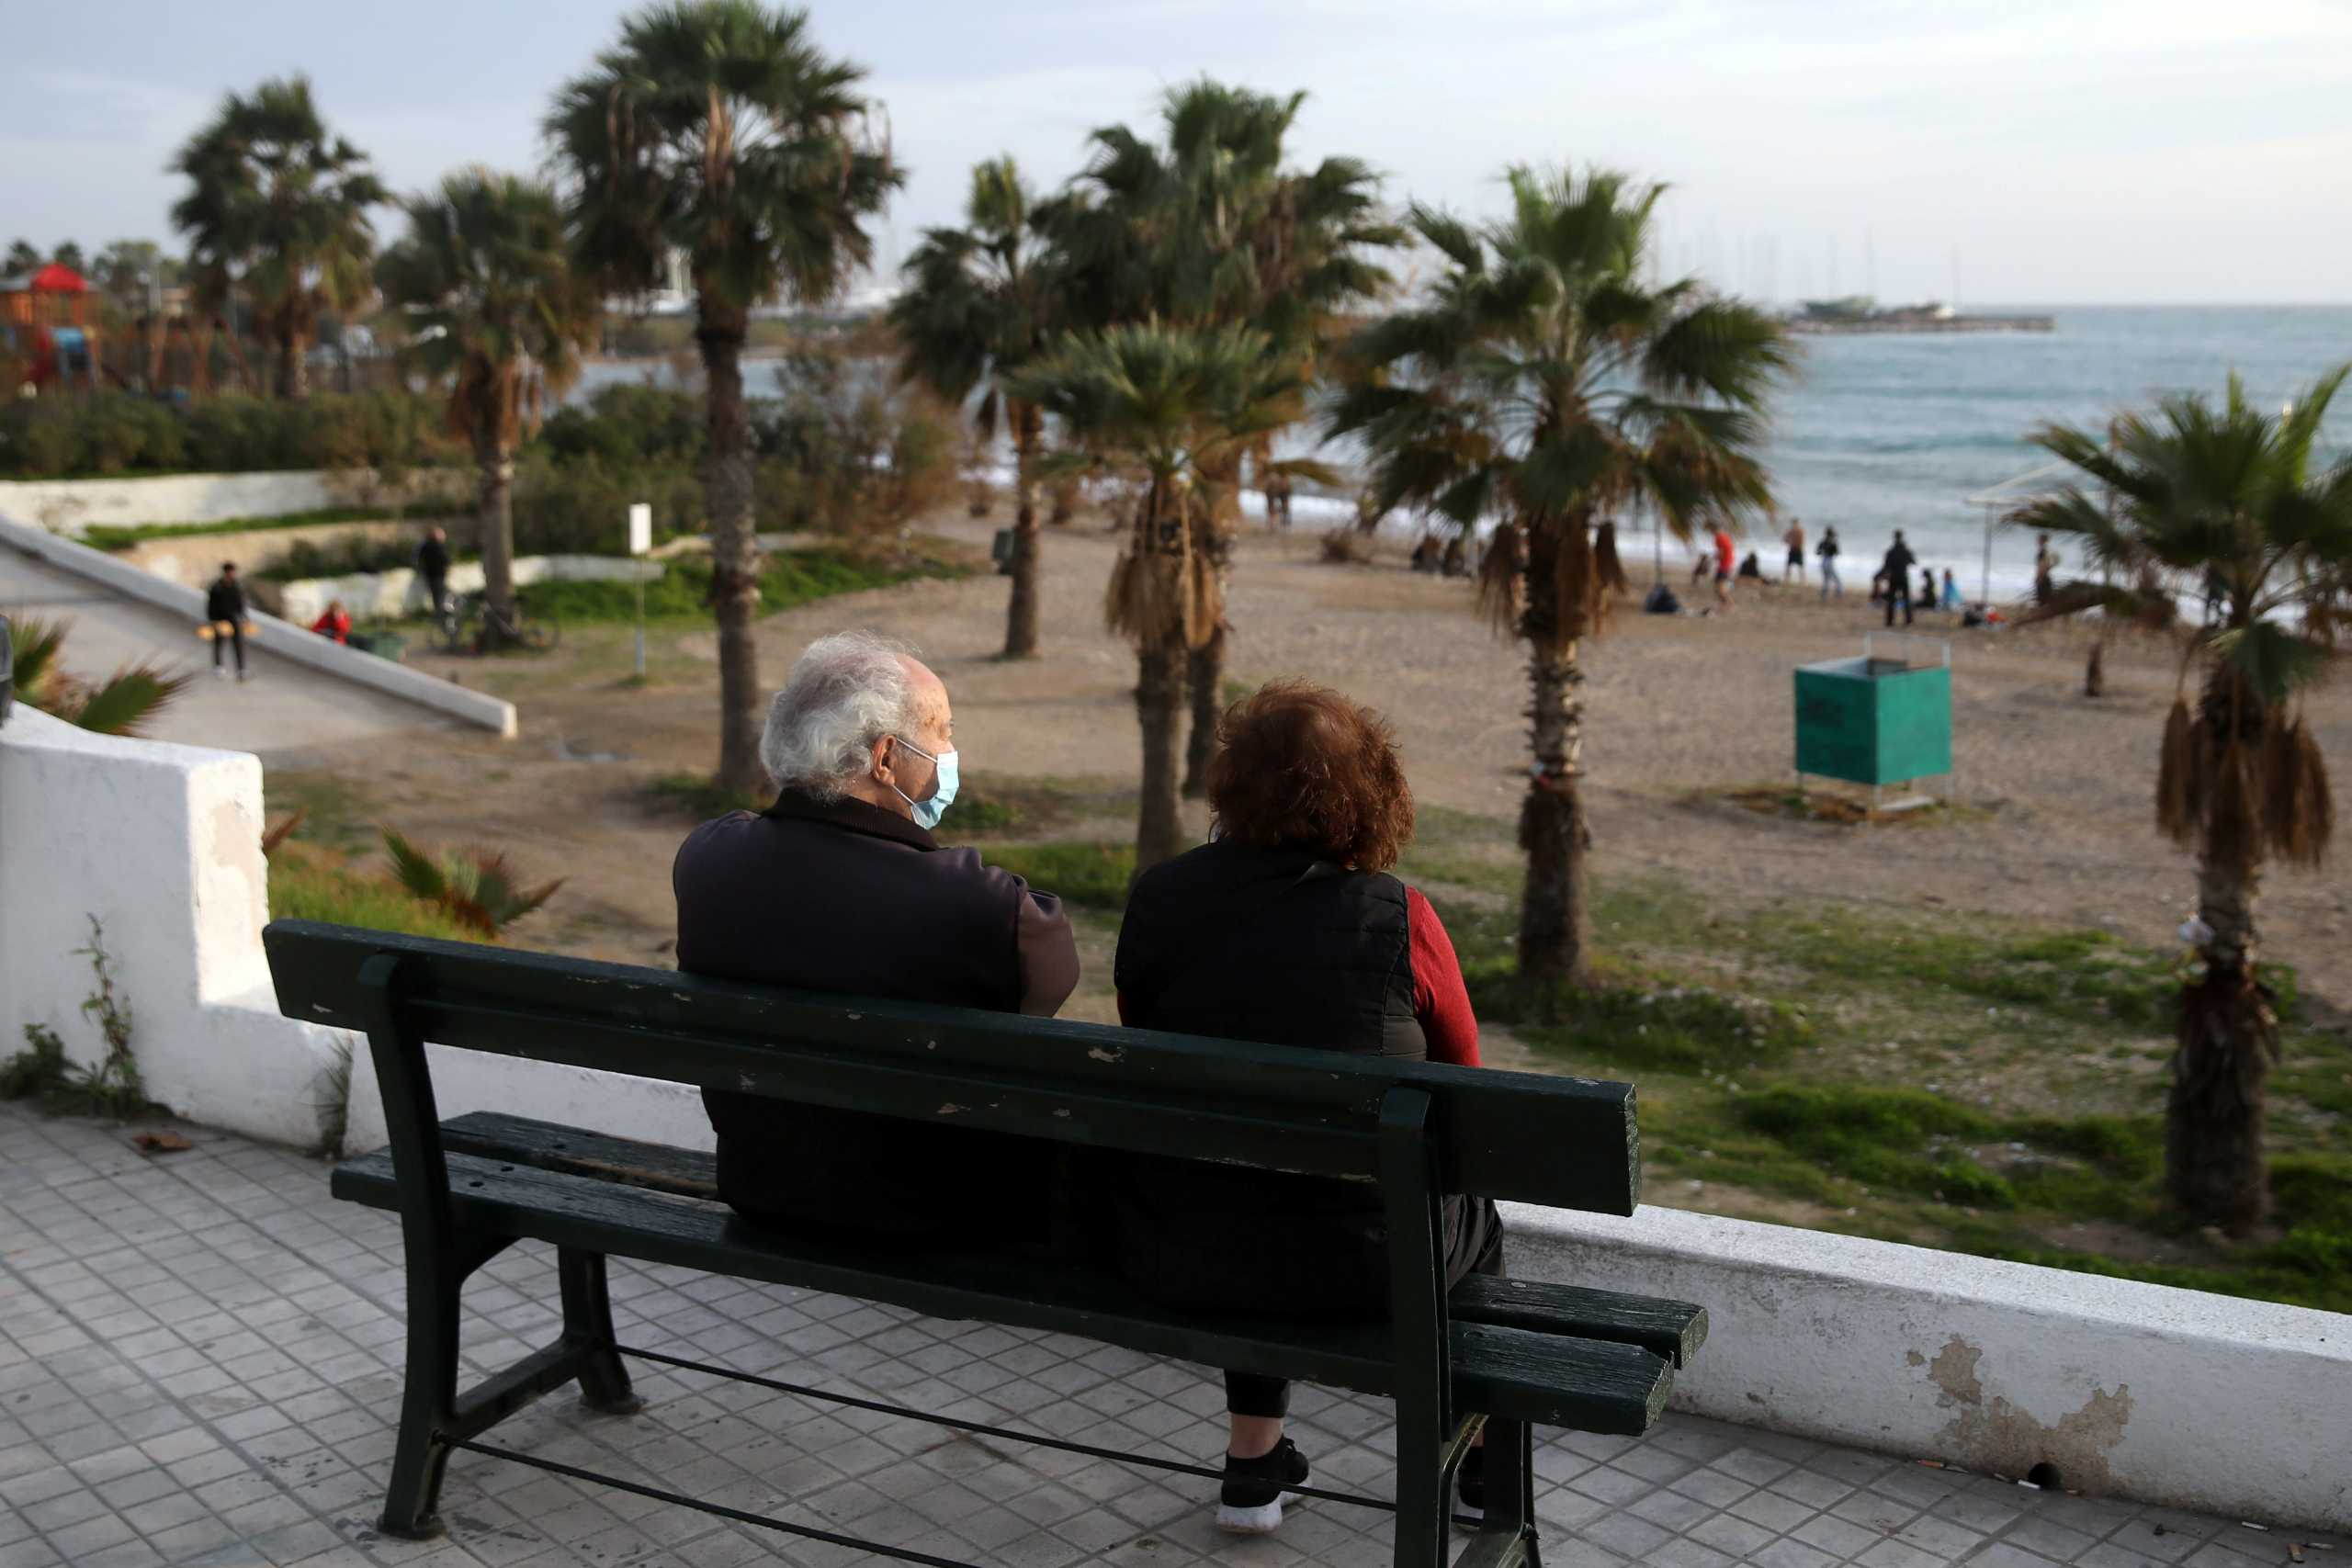 Κορονοϊός: 234 κρούσματα στην Αττική, 58 στη Θεσσαλονίκη – Ο χάρτης της πανδημίας